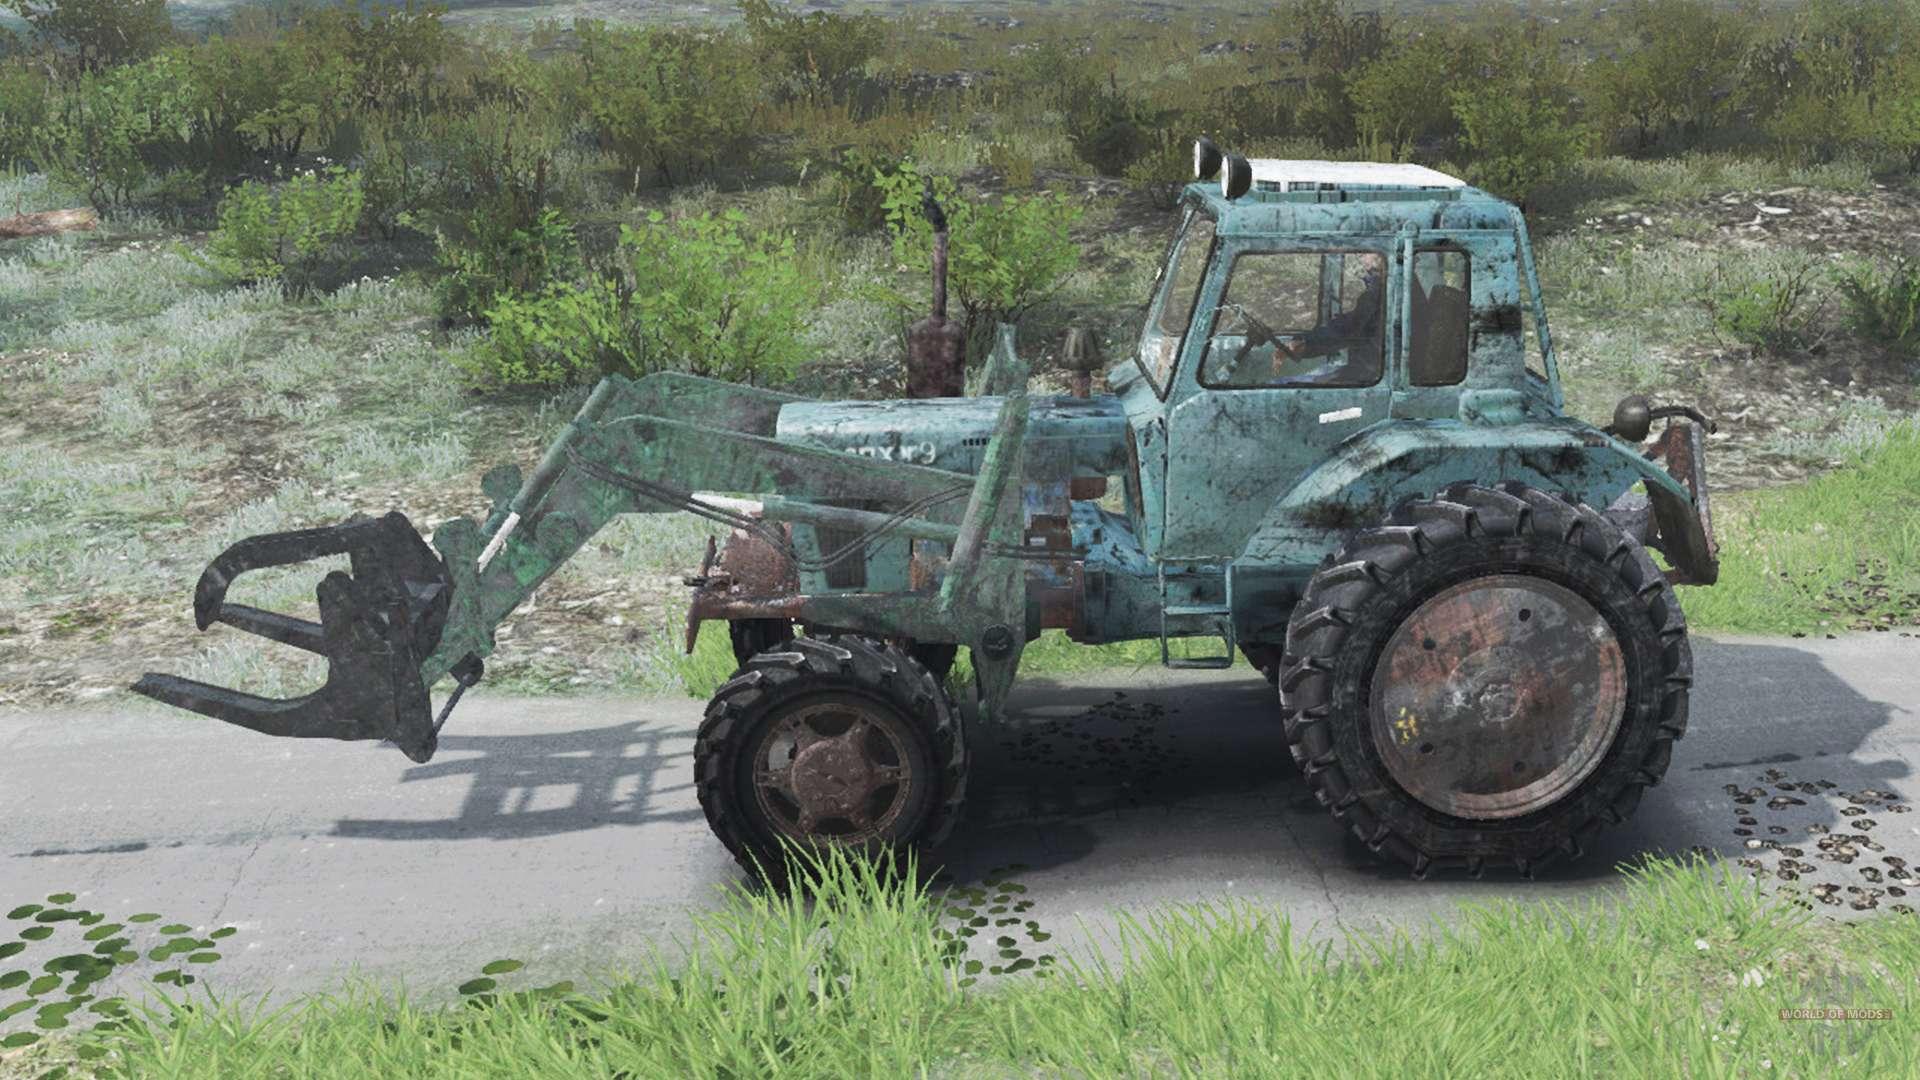 Мод трактор т-40 и т-40 ам для spin tires 2016 03. 03. 16скачать.